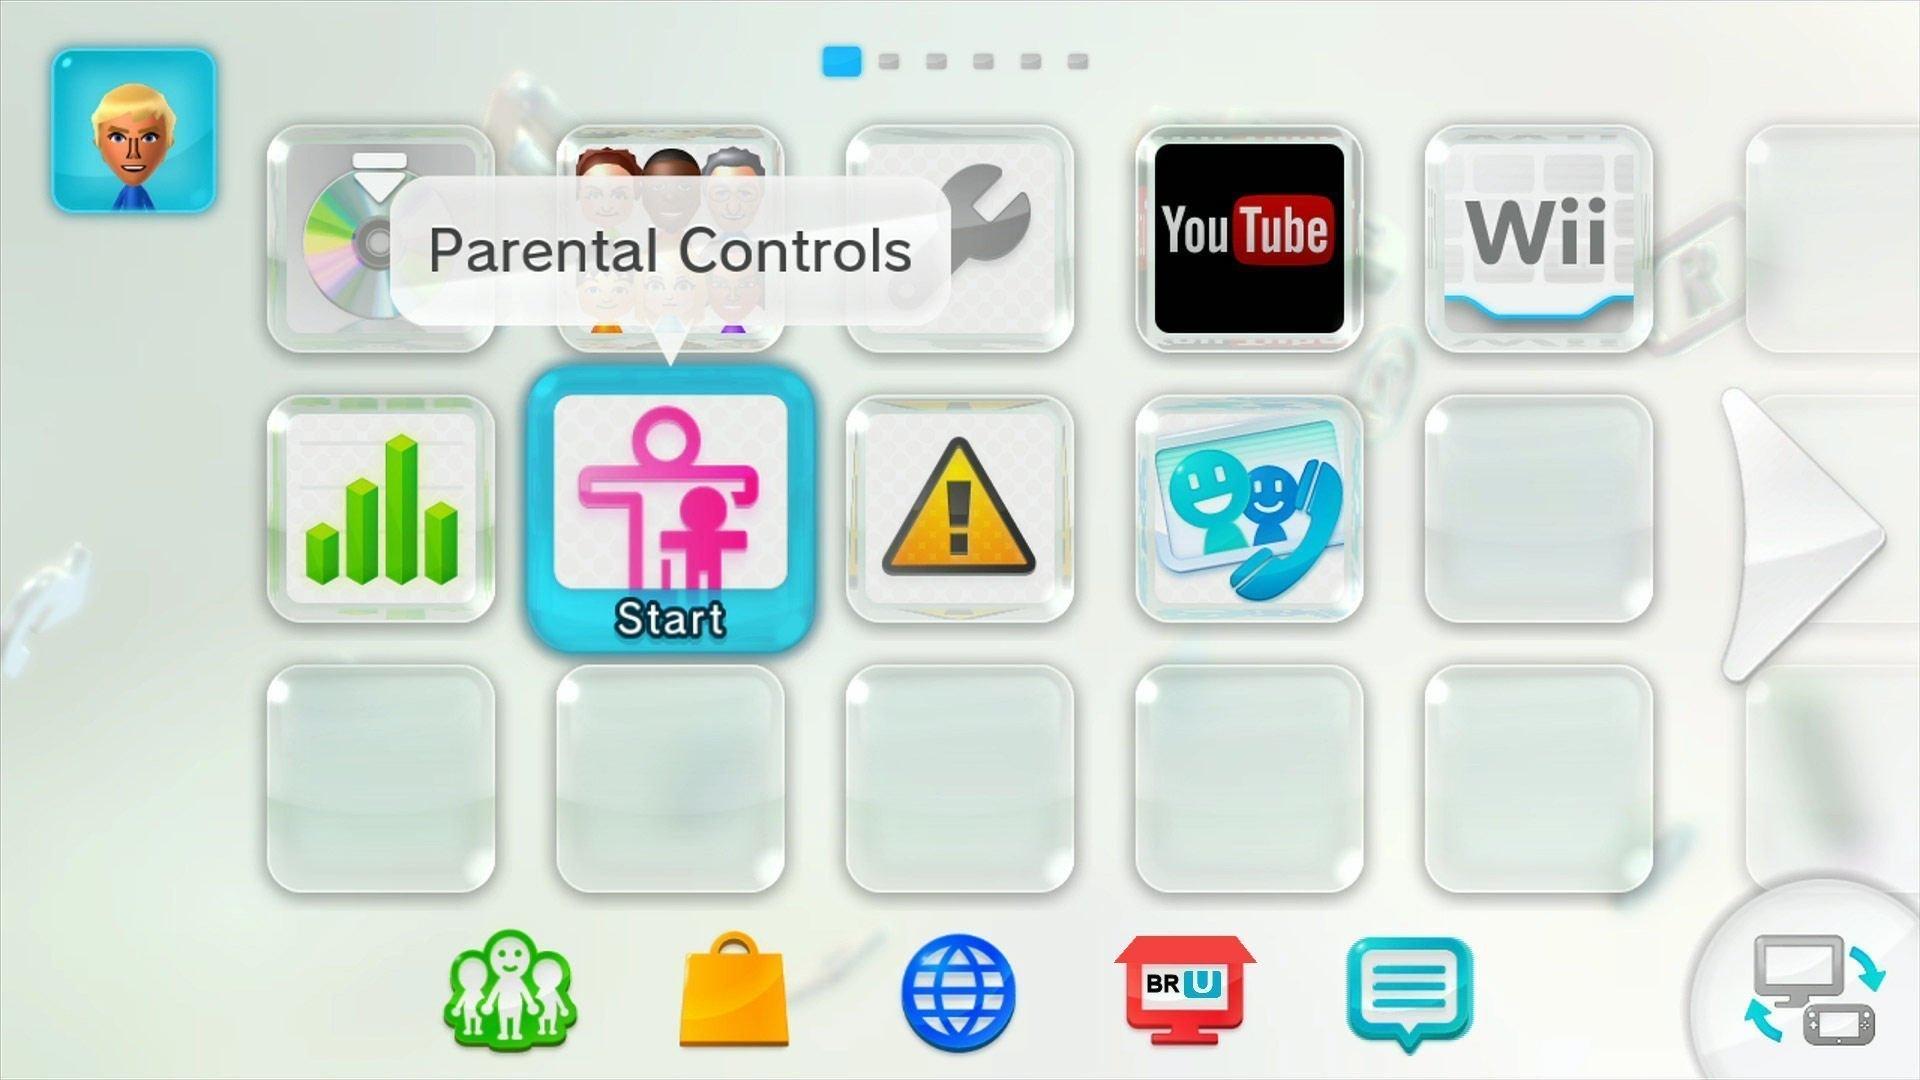 WiiU_Screen.